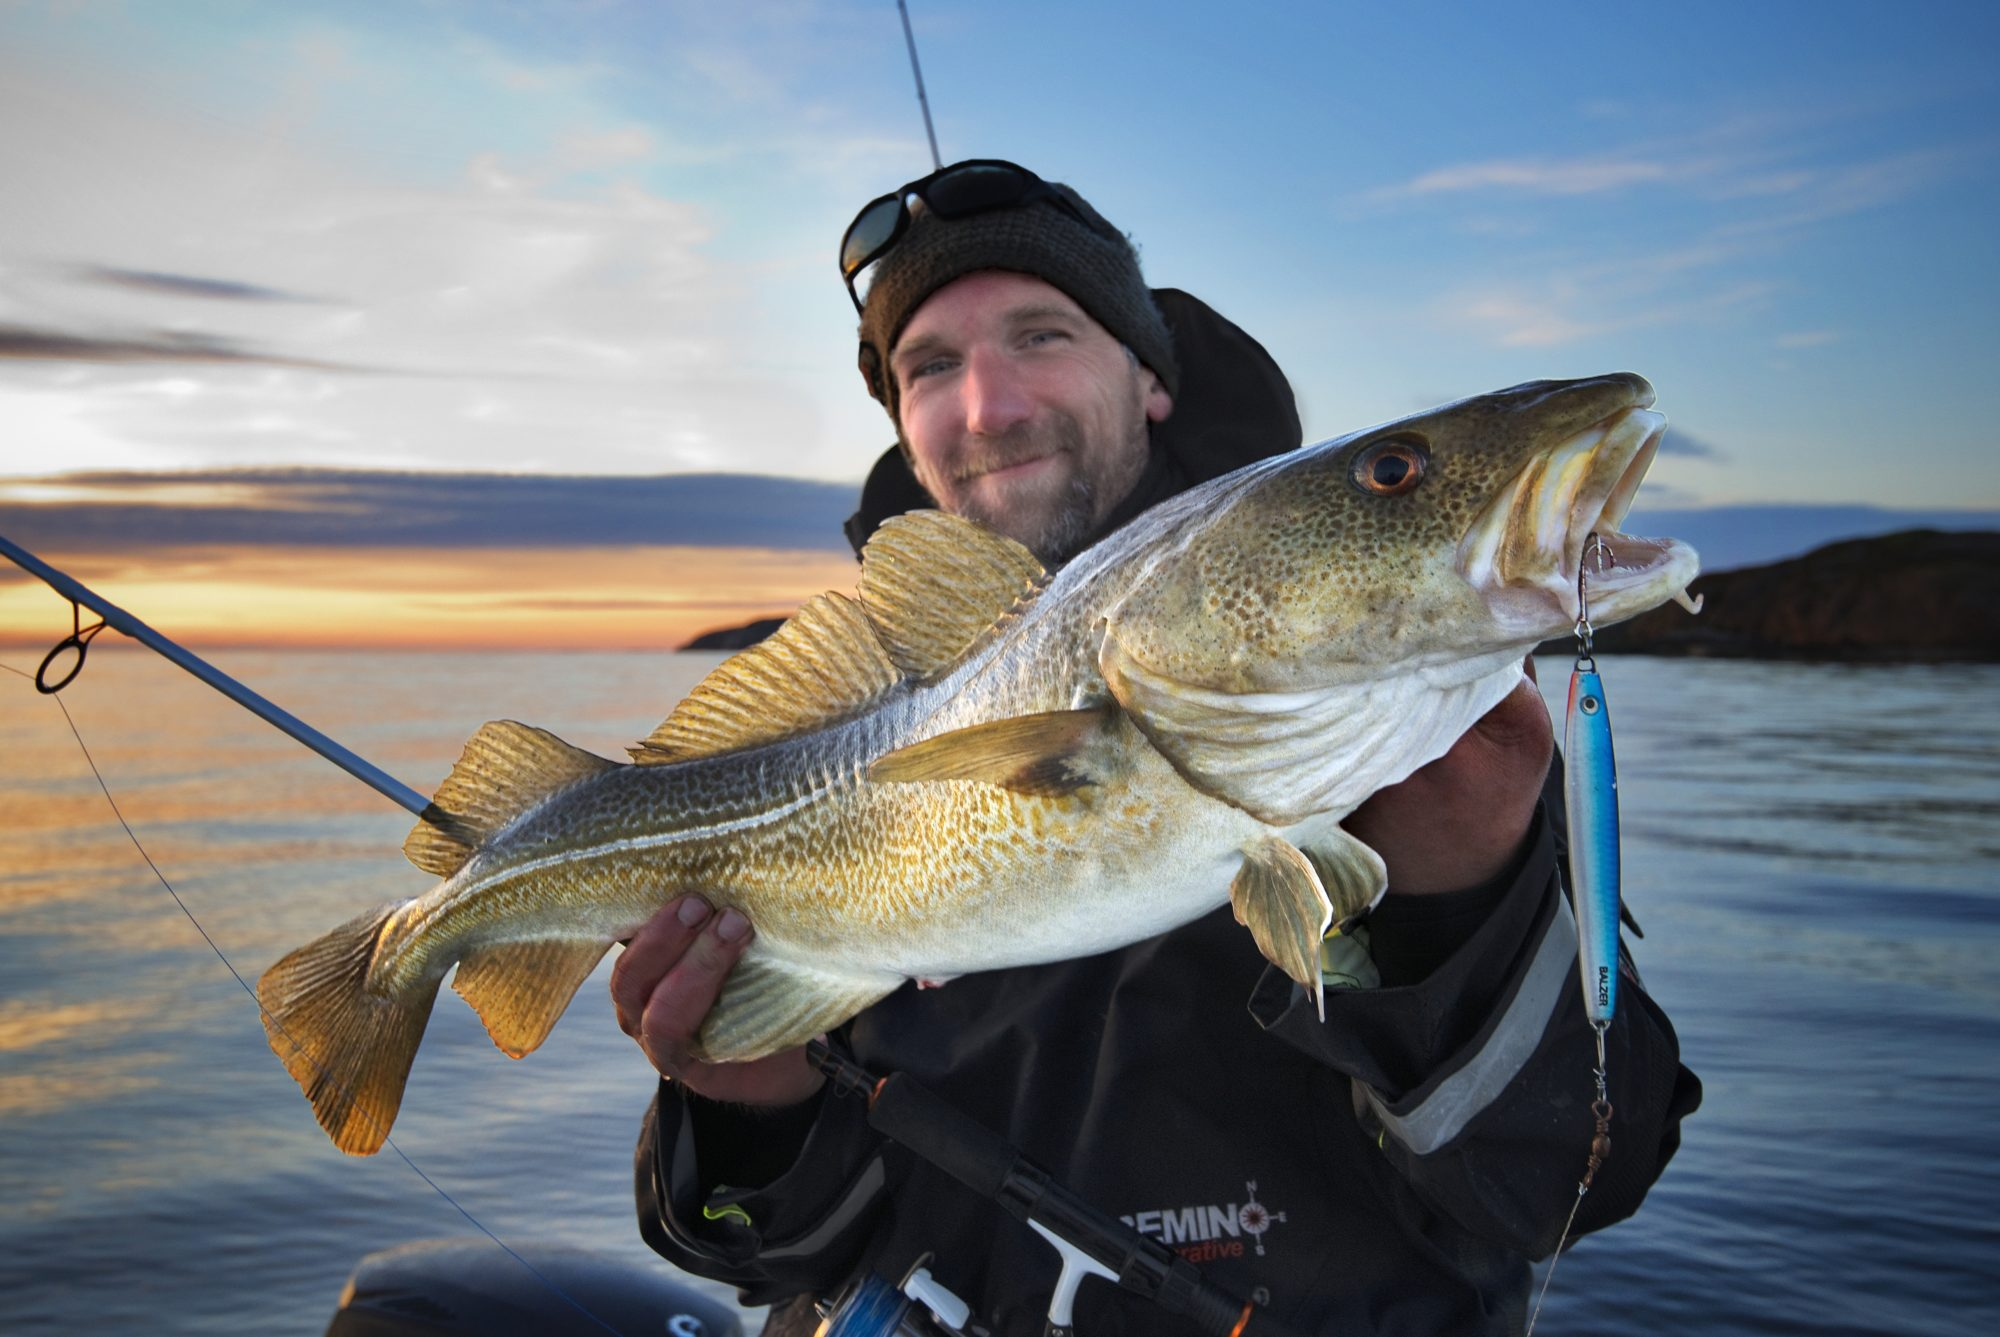 Fiske på Hitra og Frøya, kysten av Trøndelag. Foto: W. Krause /media-army.de